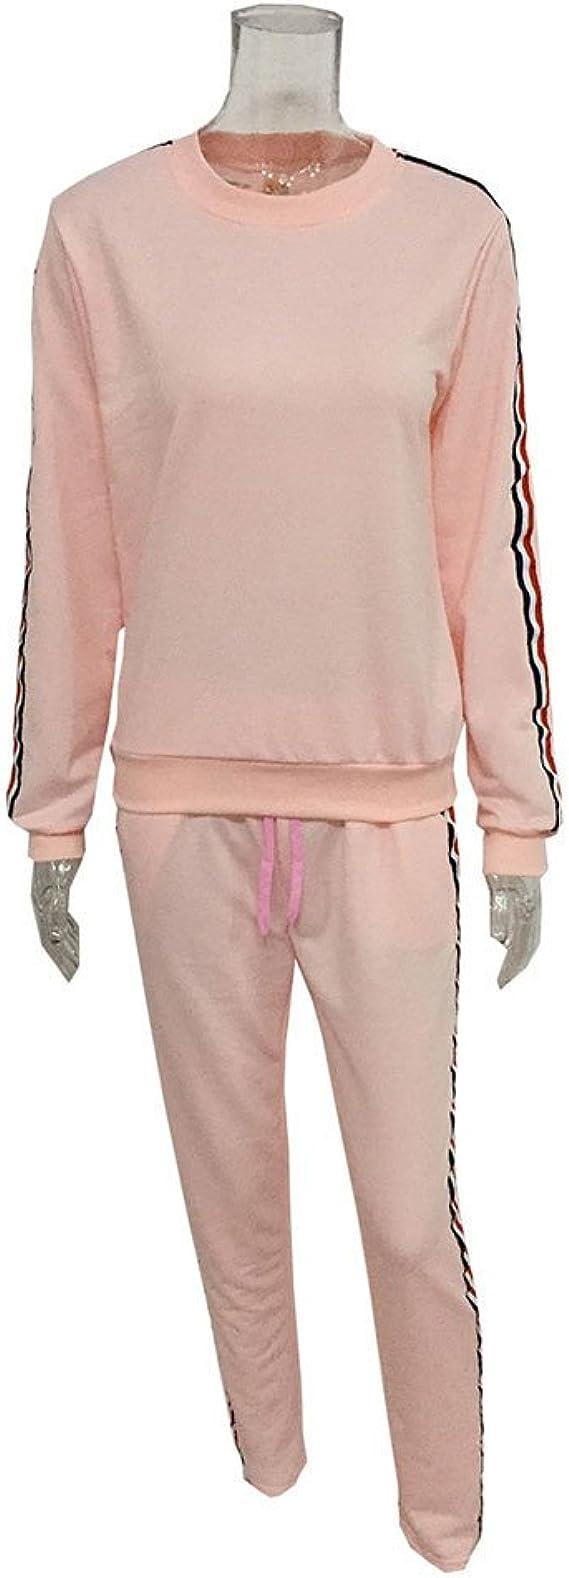 SuperSU Frauen 2 PCS Trainingsanzüge Set Damen Jogger Active Sport Bluse Tops Hosen Sets Fleece Anzug Hausanzug aus wärmenden Fleece Damen